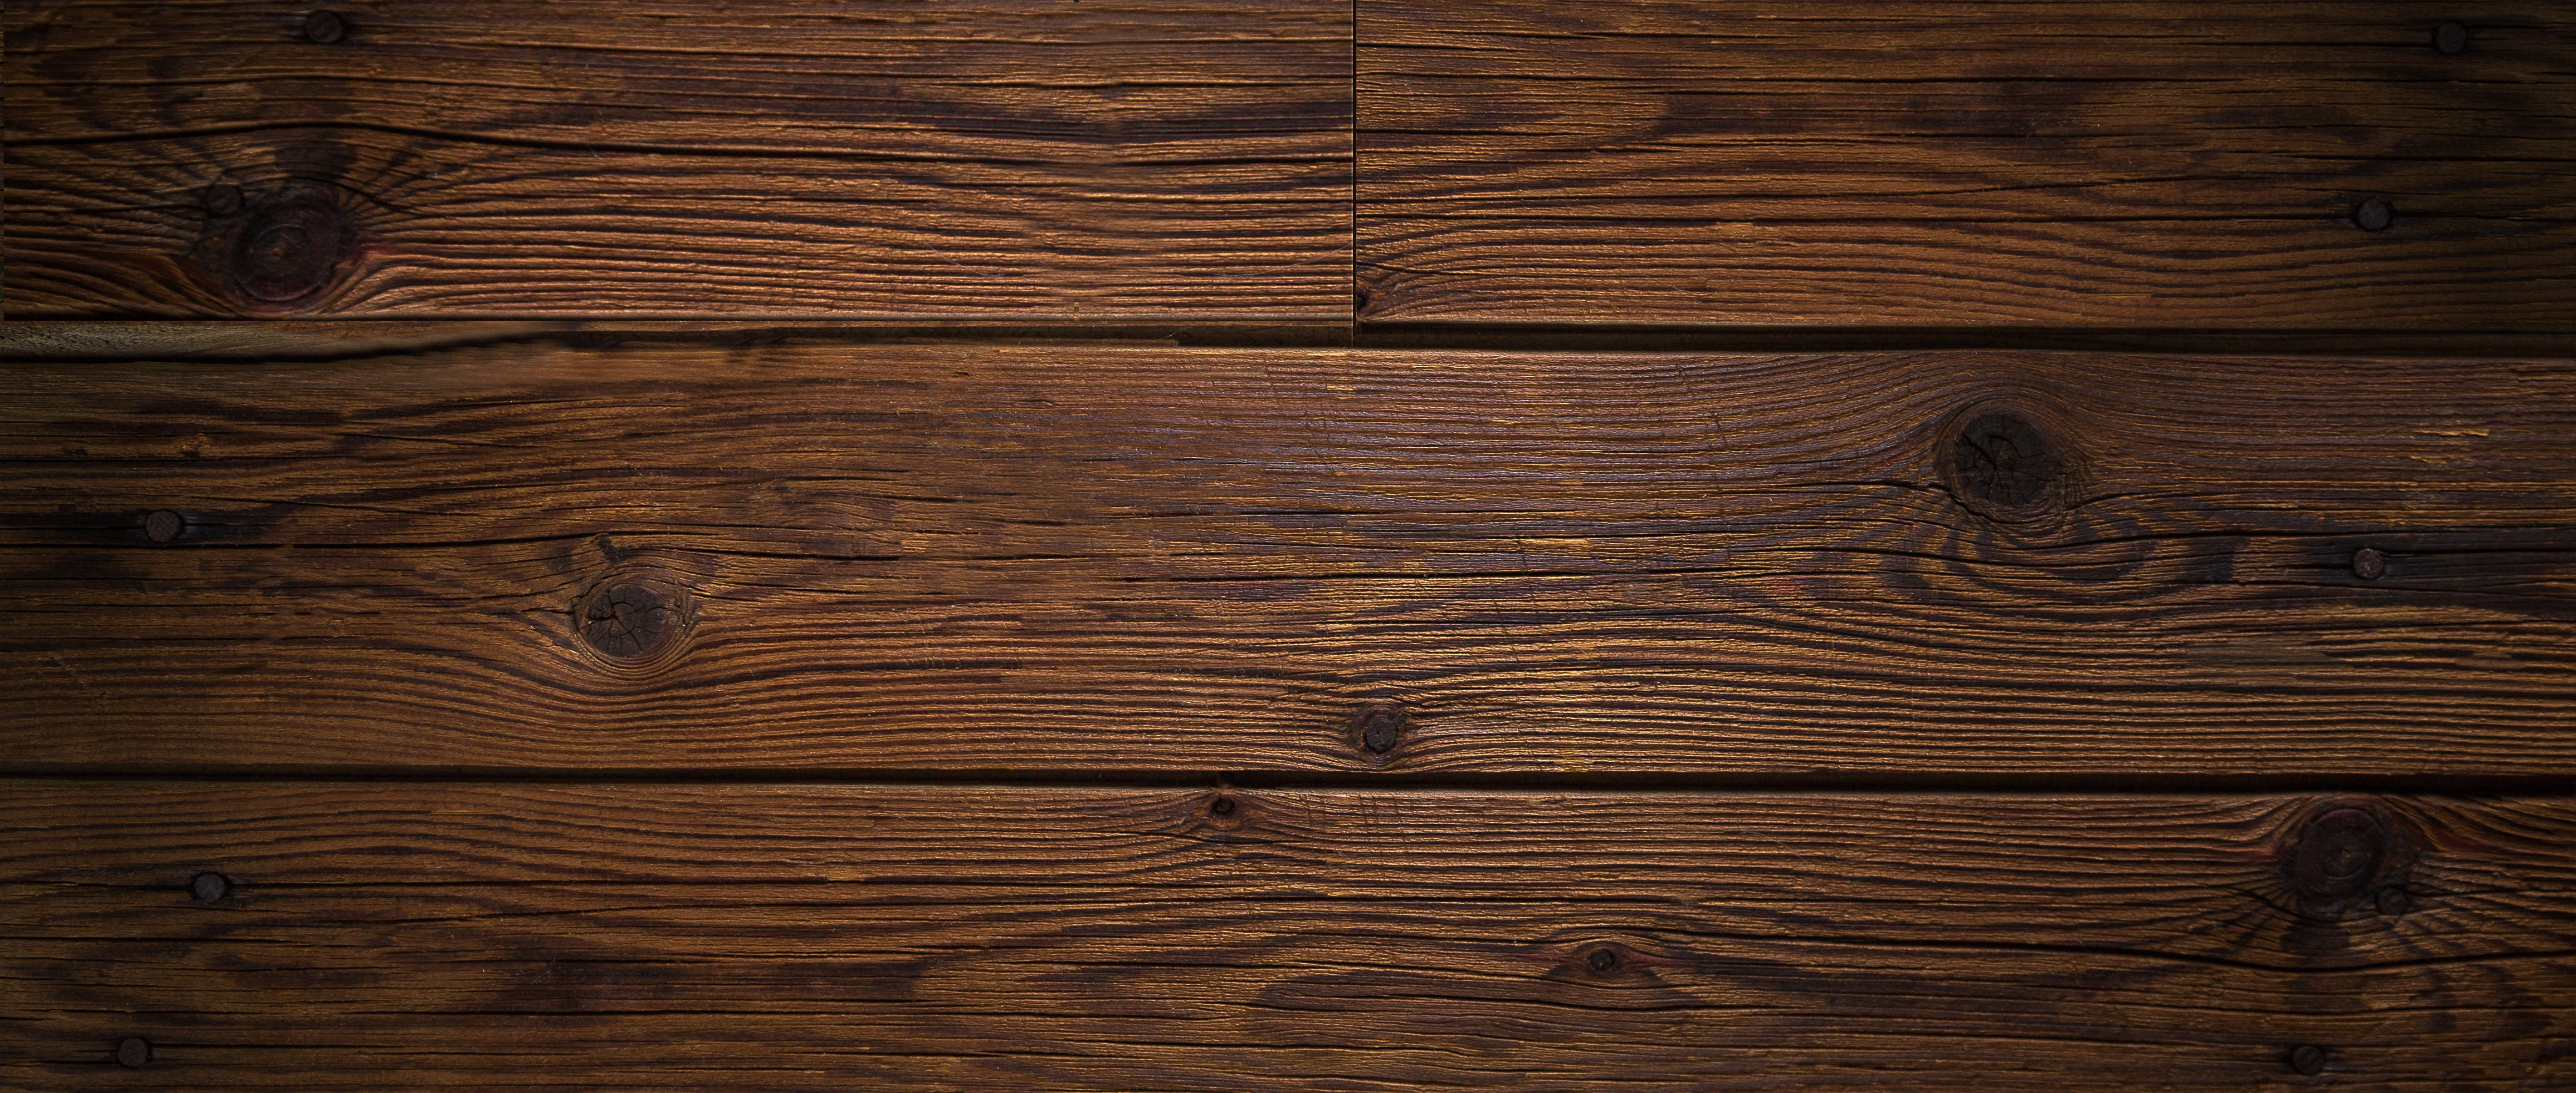 Great Wood Texture Photos Pexels Free Stock Photos